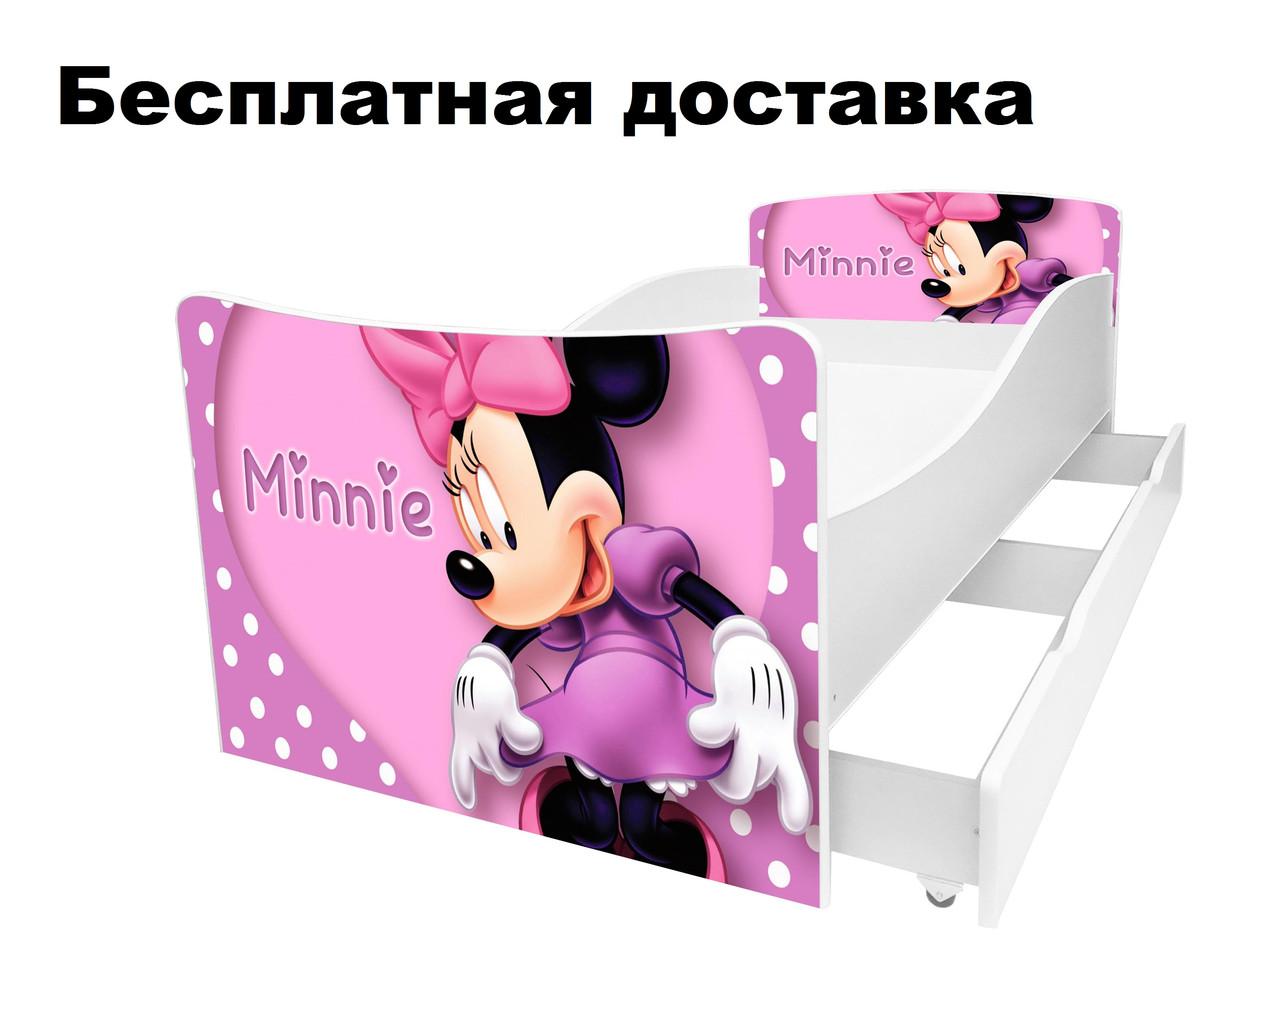 Детская кровать Минни маус Minnie